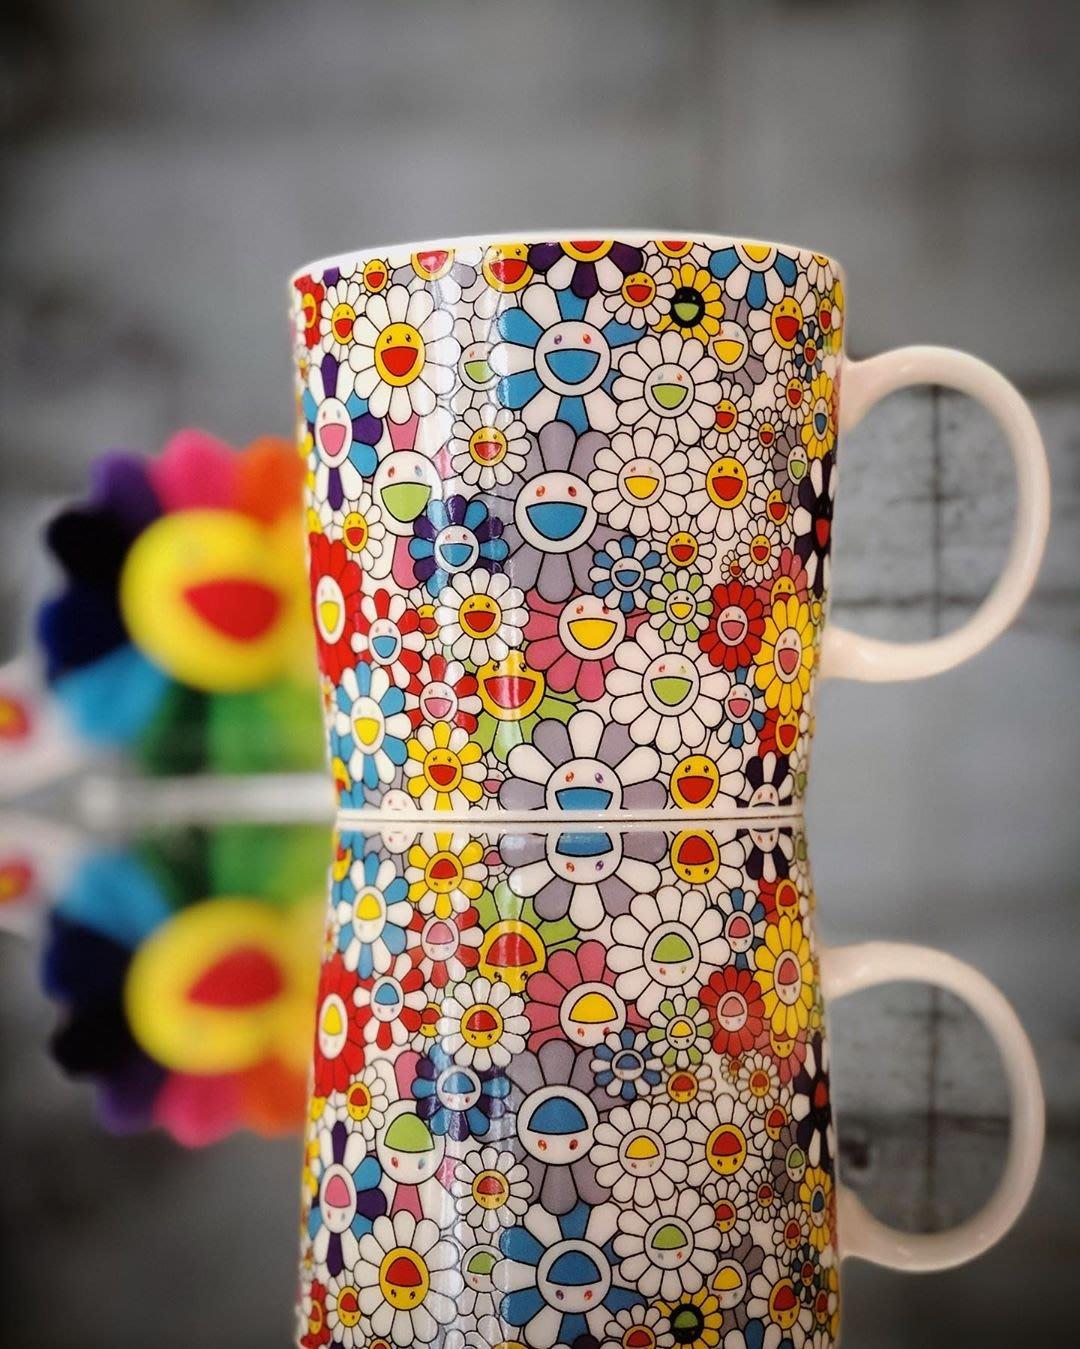 【日貨代購CITY】2020SS Kaikai Kiki Flowers 村上隆 滿版 小花 馬克杯 現貨